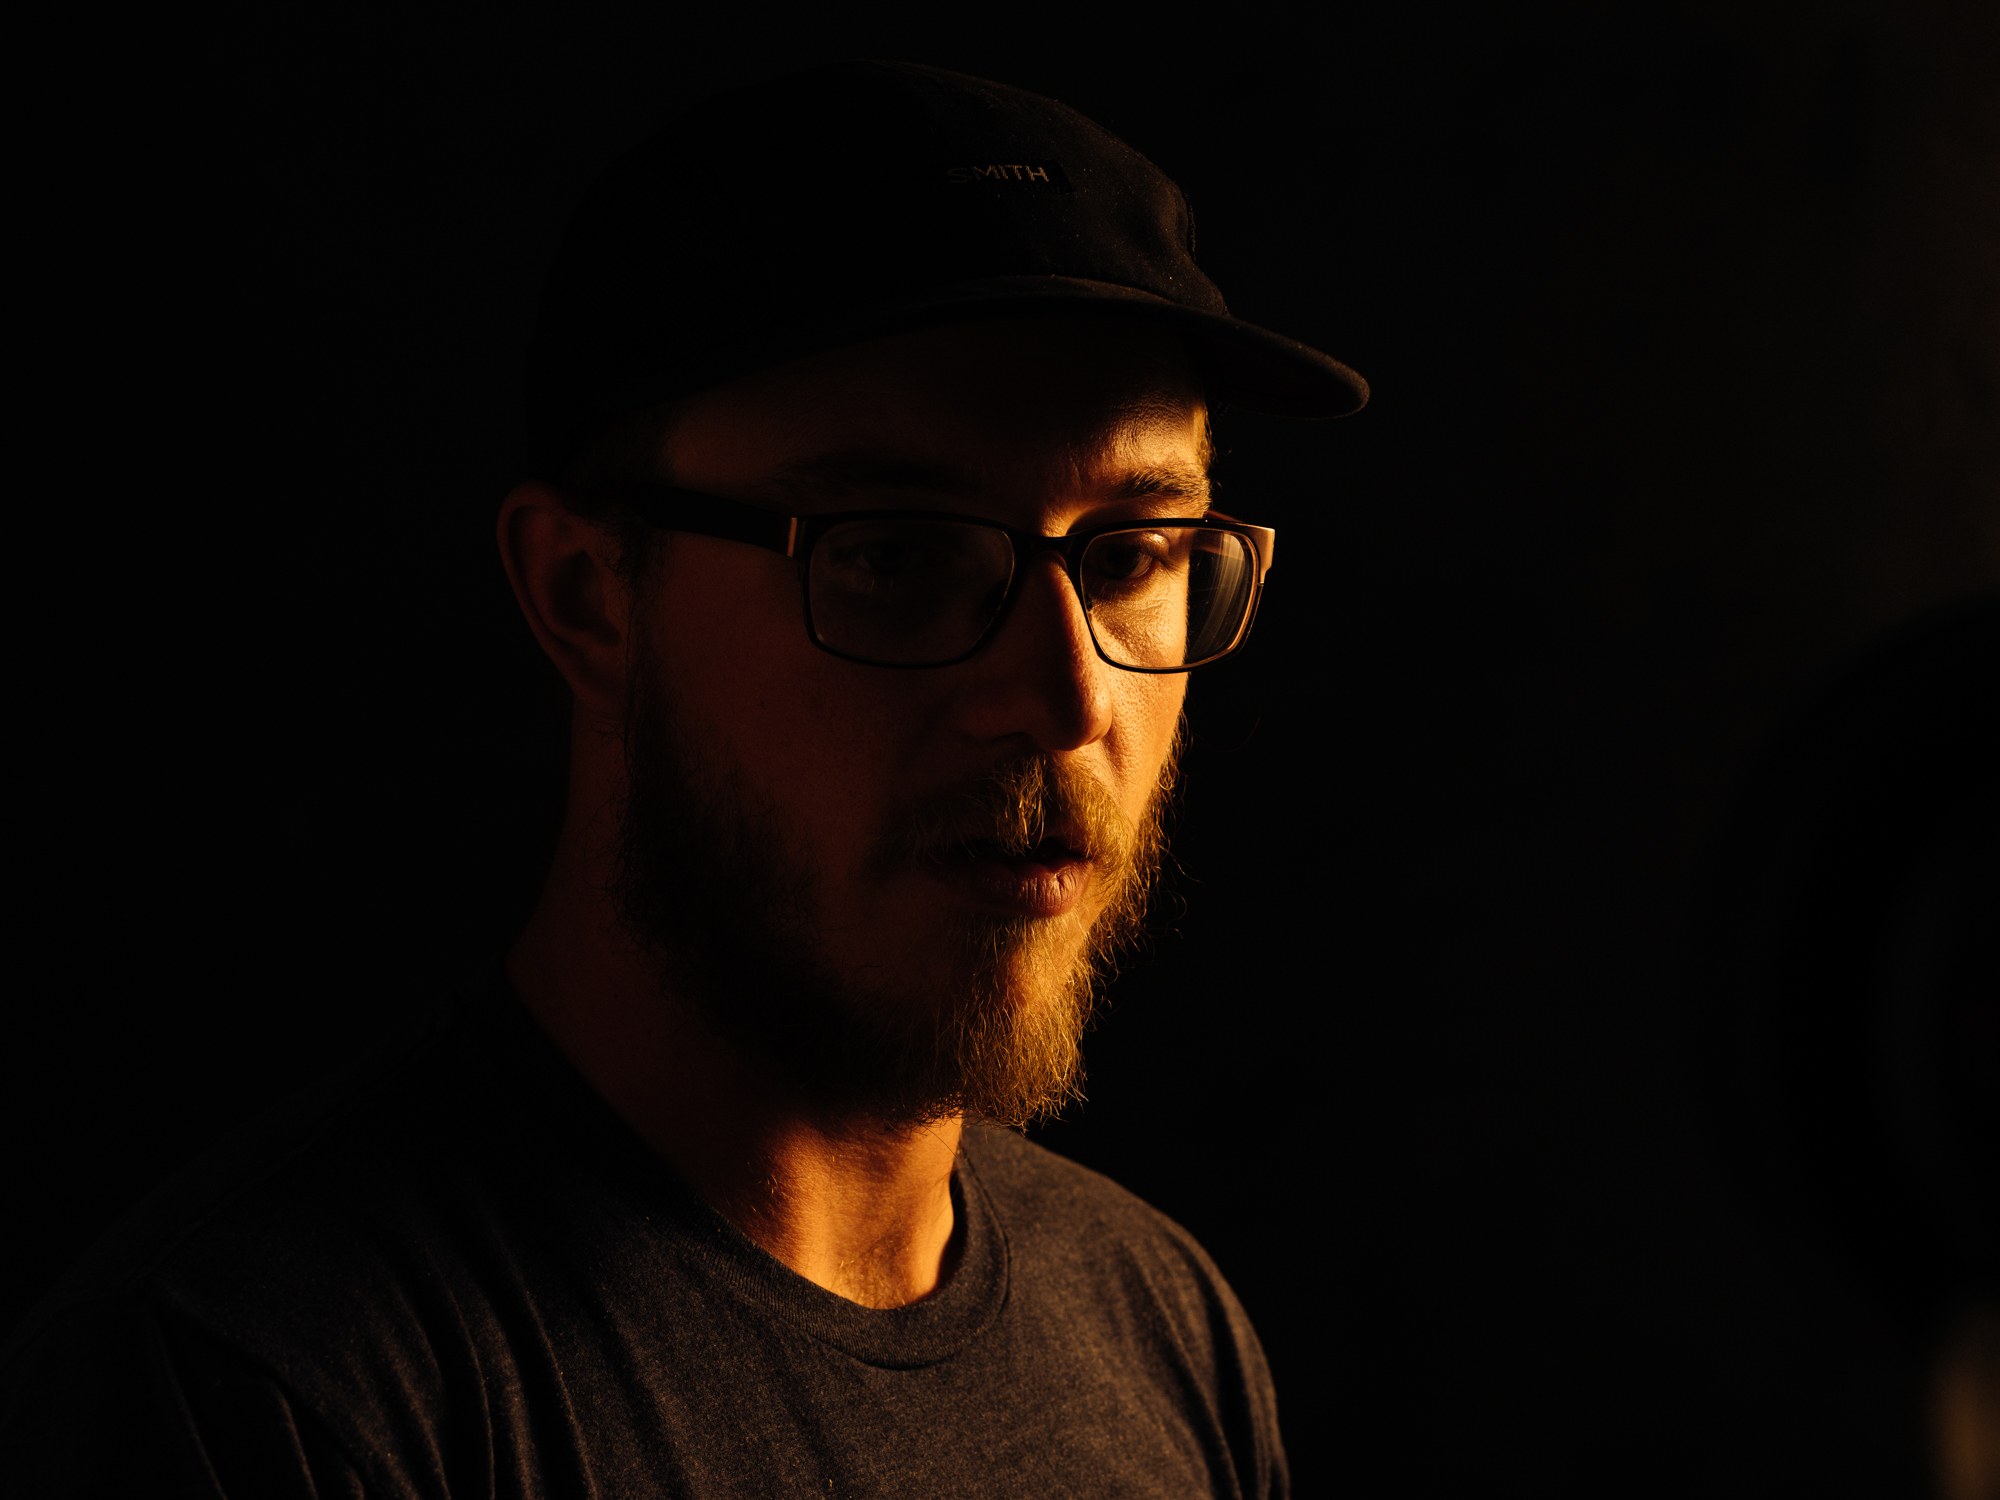 Portrait by  Greg Mionske